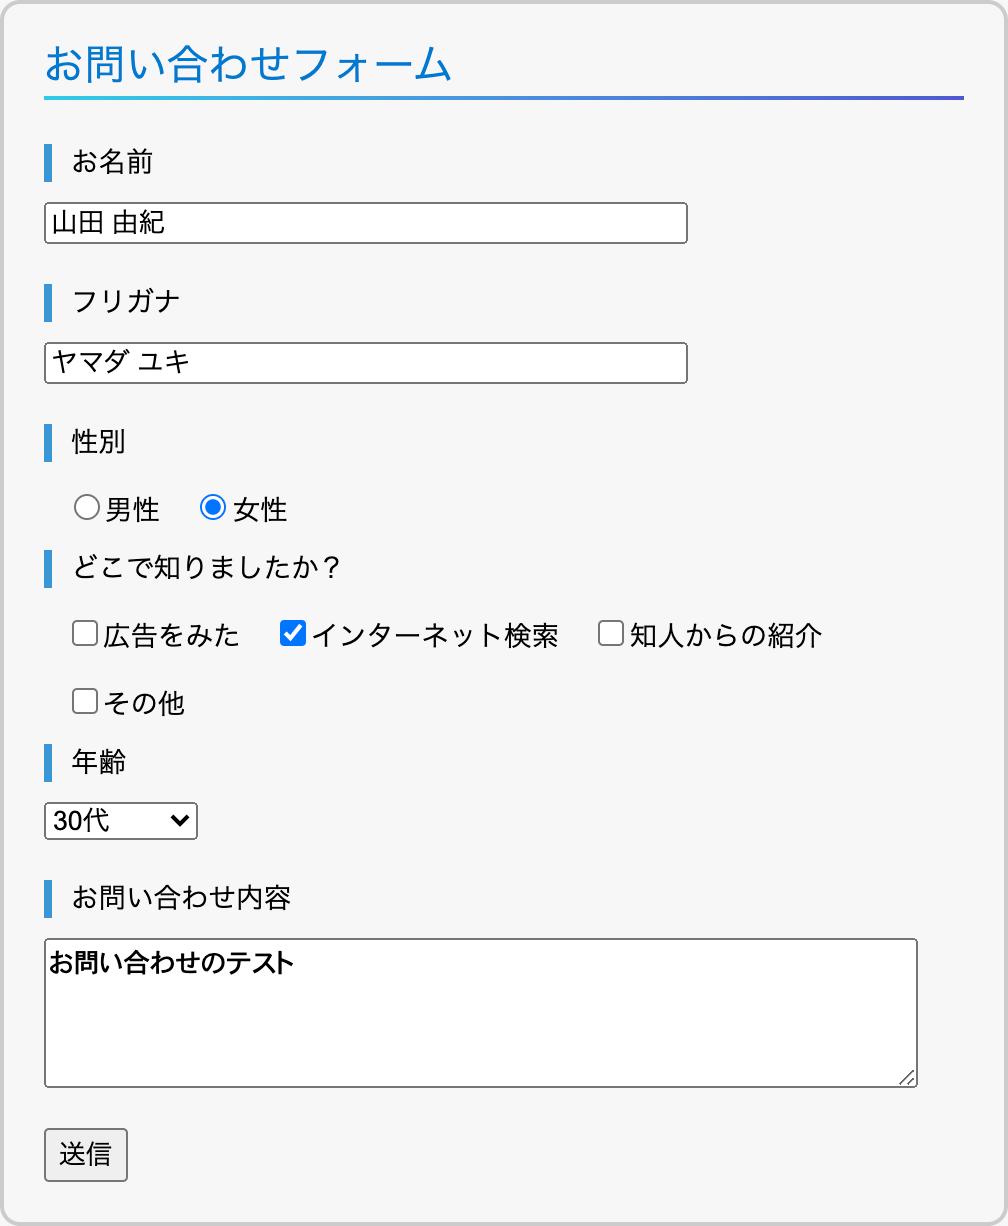 通常の入力できるフォームの表示例